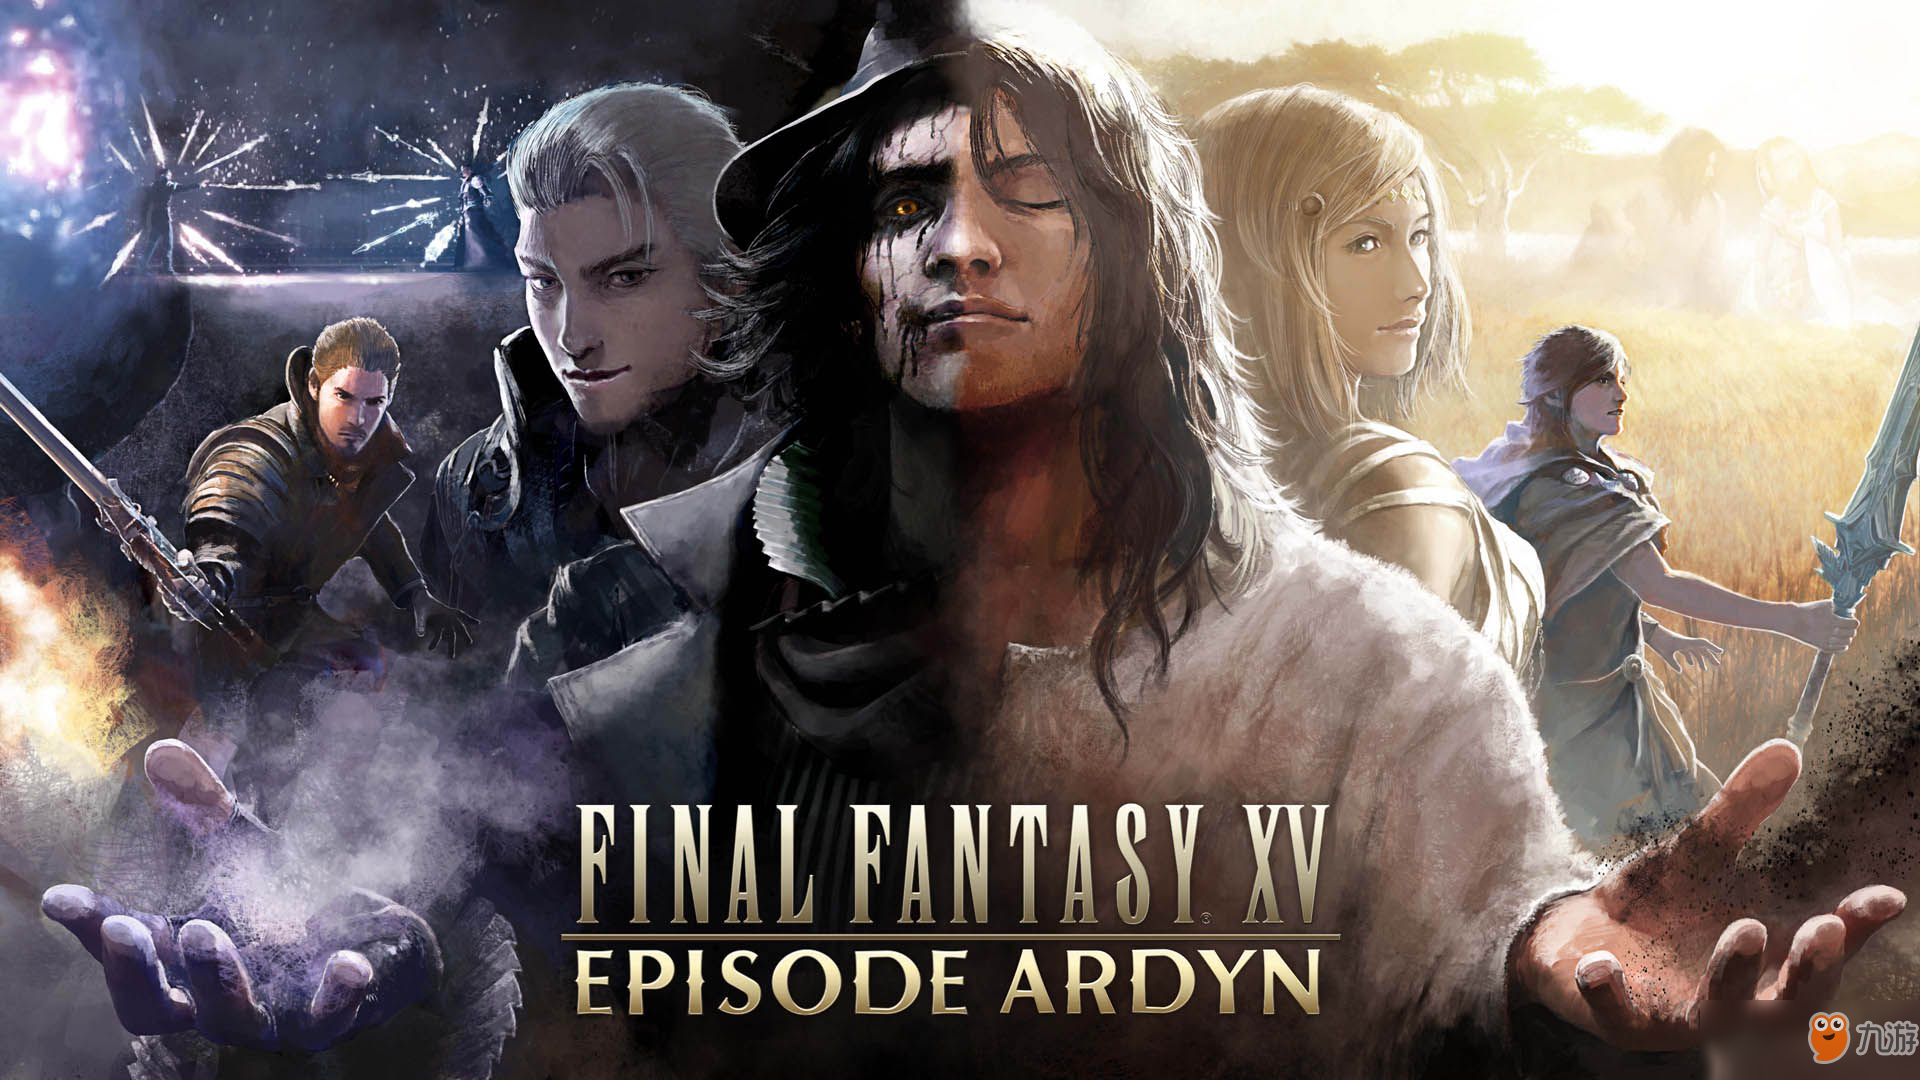 《最终幻想15》艾汀之章DLC什么时候上线 艾汀之章DLC上线时间介绍